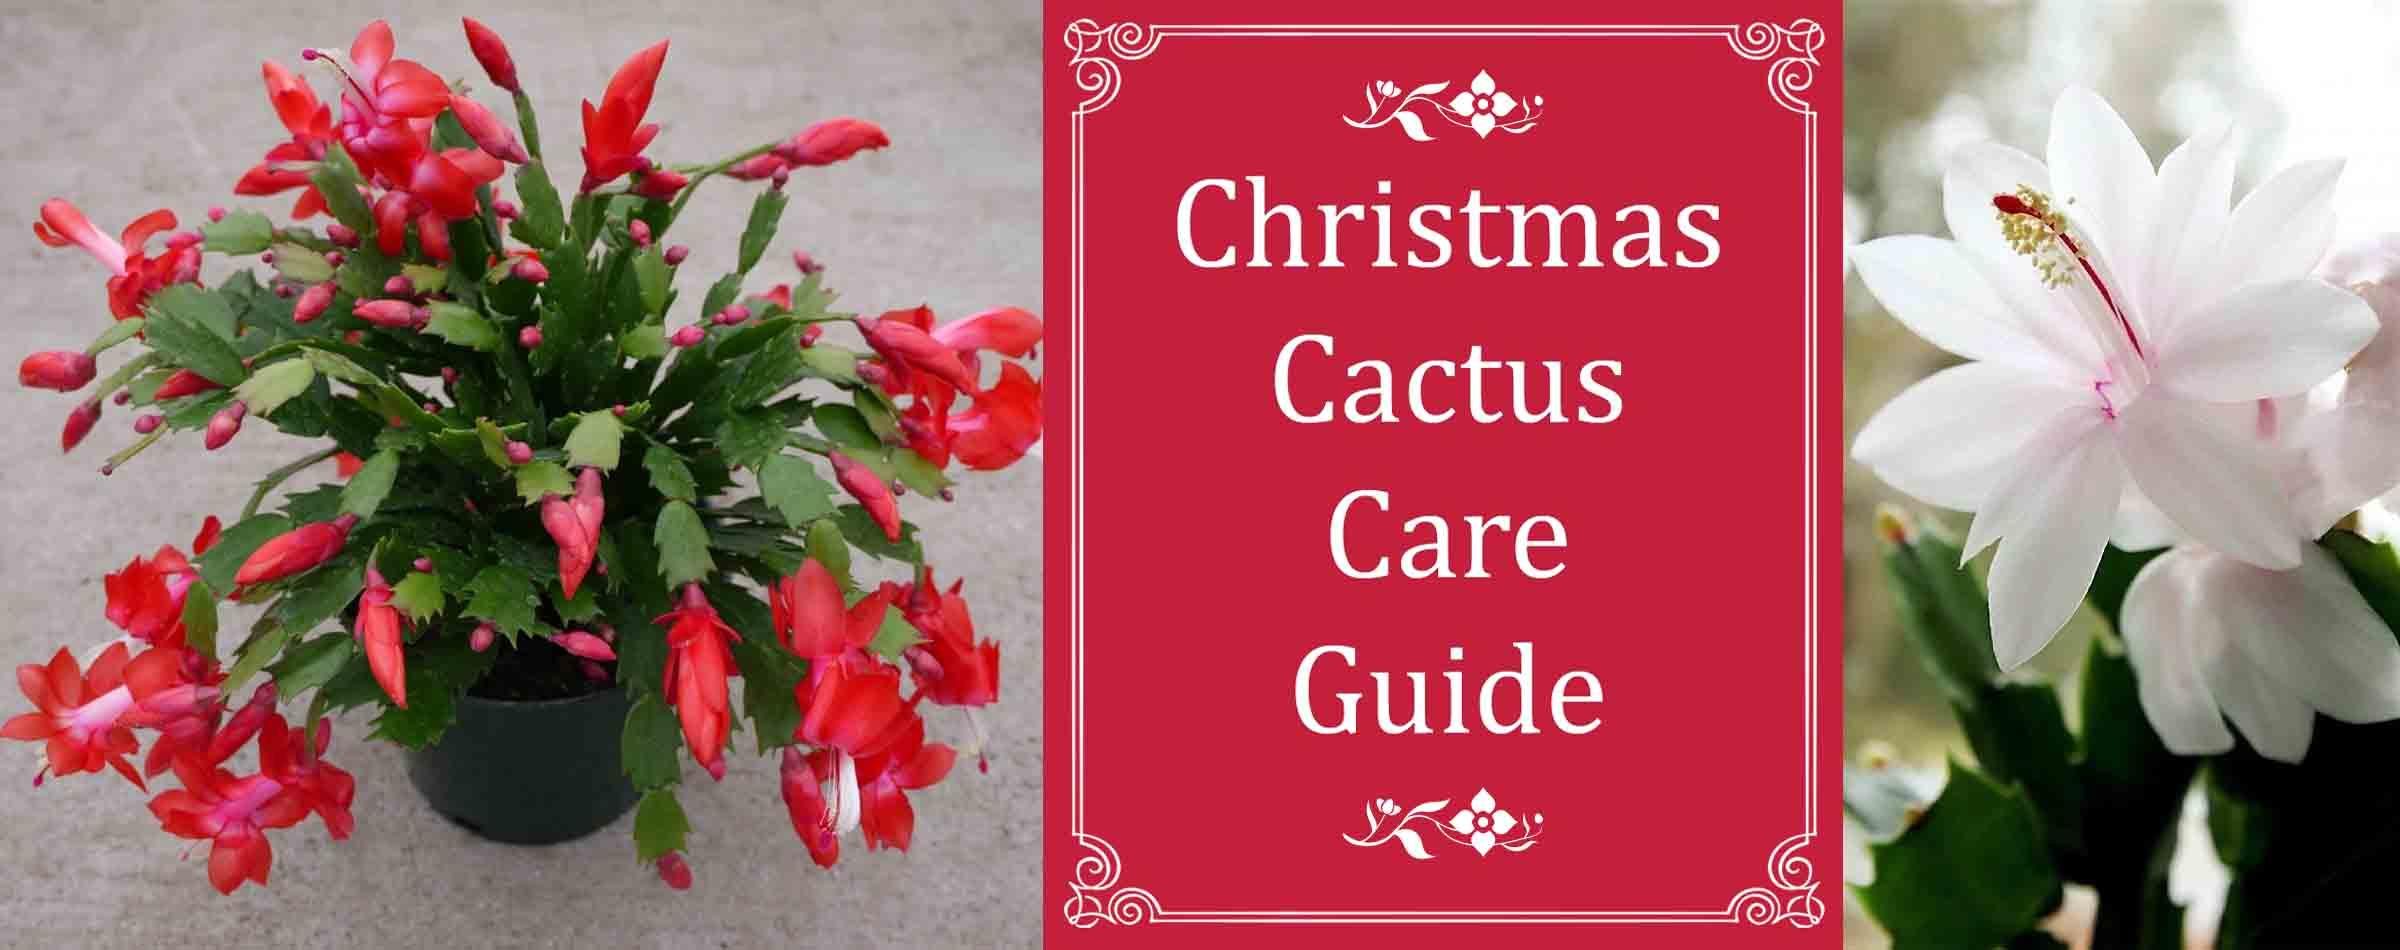 Christ Cactus Care Guide St Louis Plant Shop